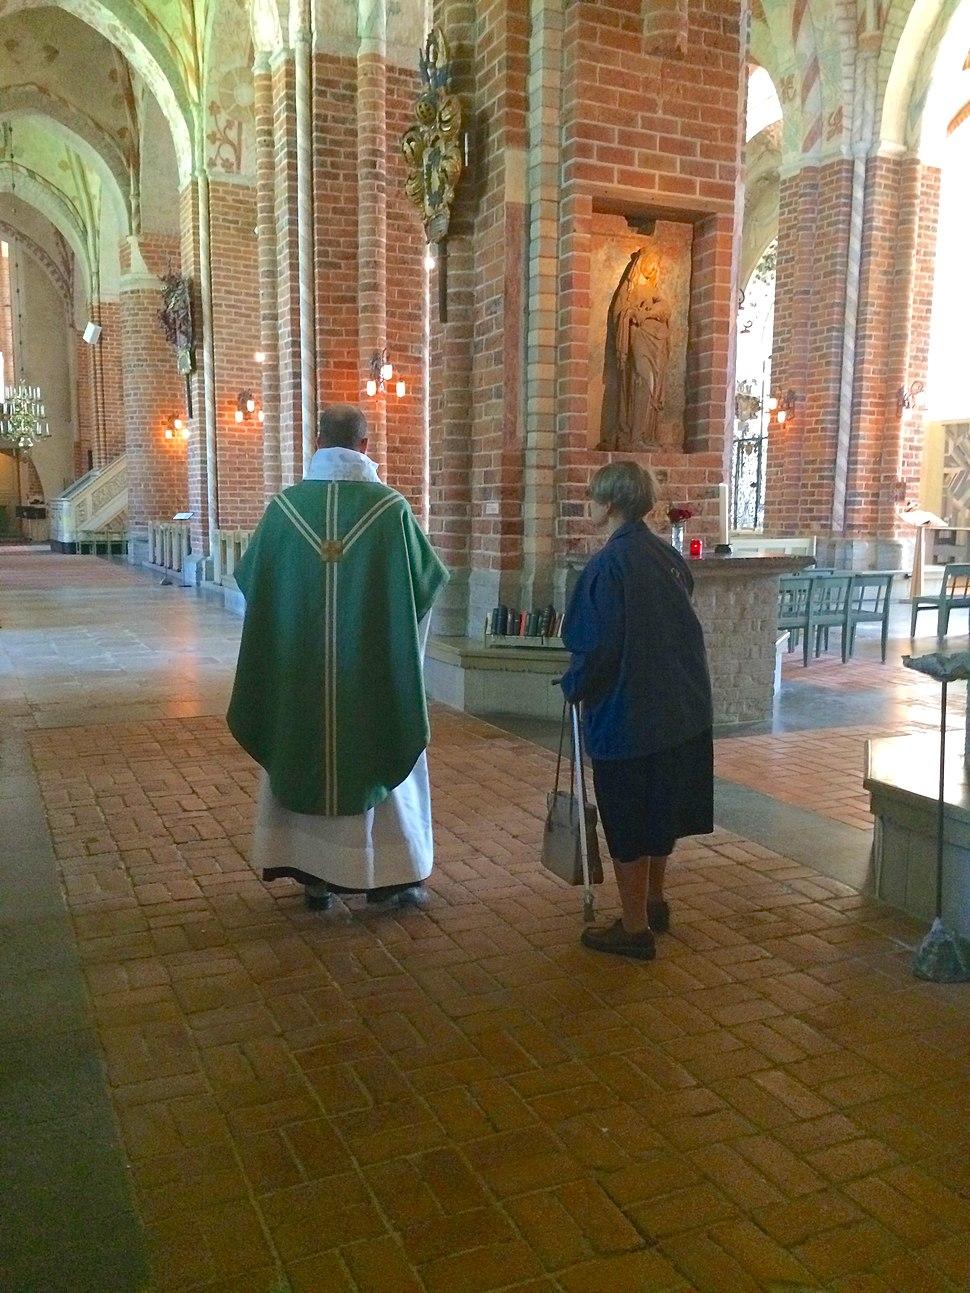 Strängnäs Cathedral interior